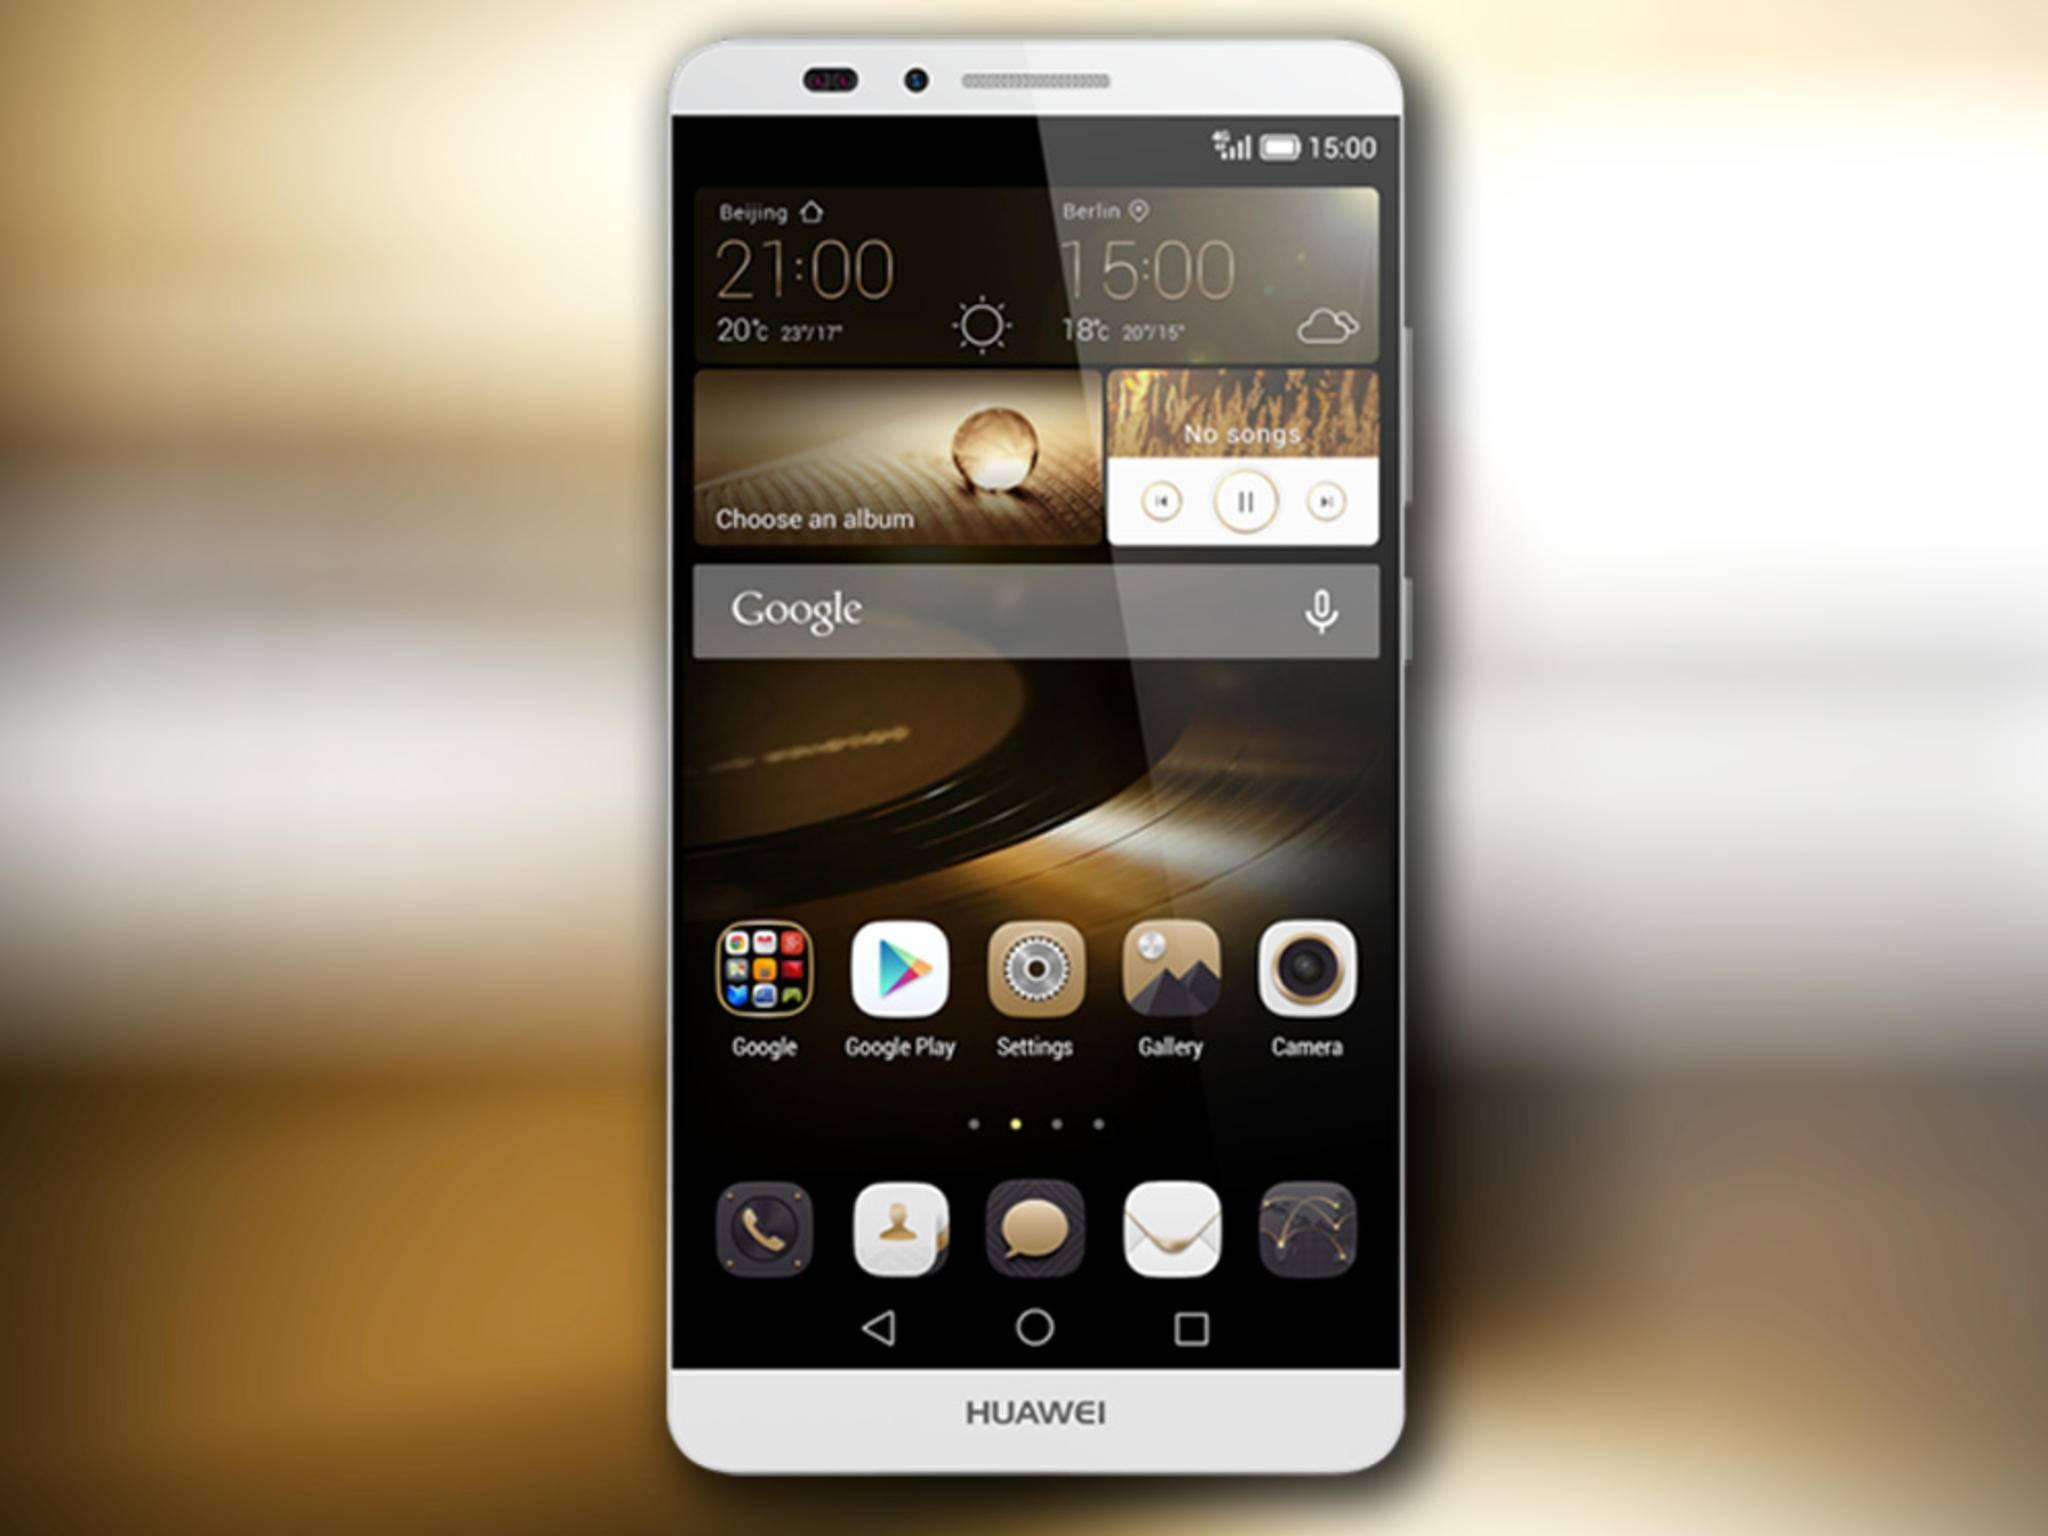 Das Huawei Mate 7S: Wird das neue Gerät aus China wirklich Force Touch können?